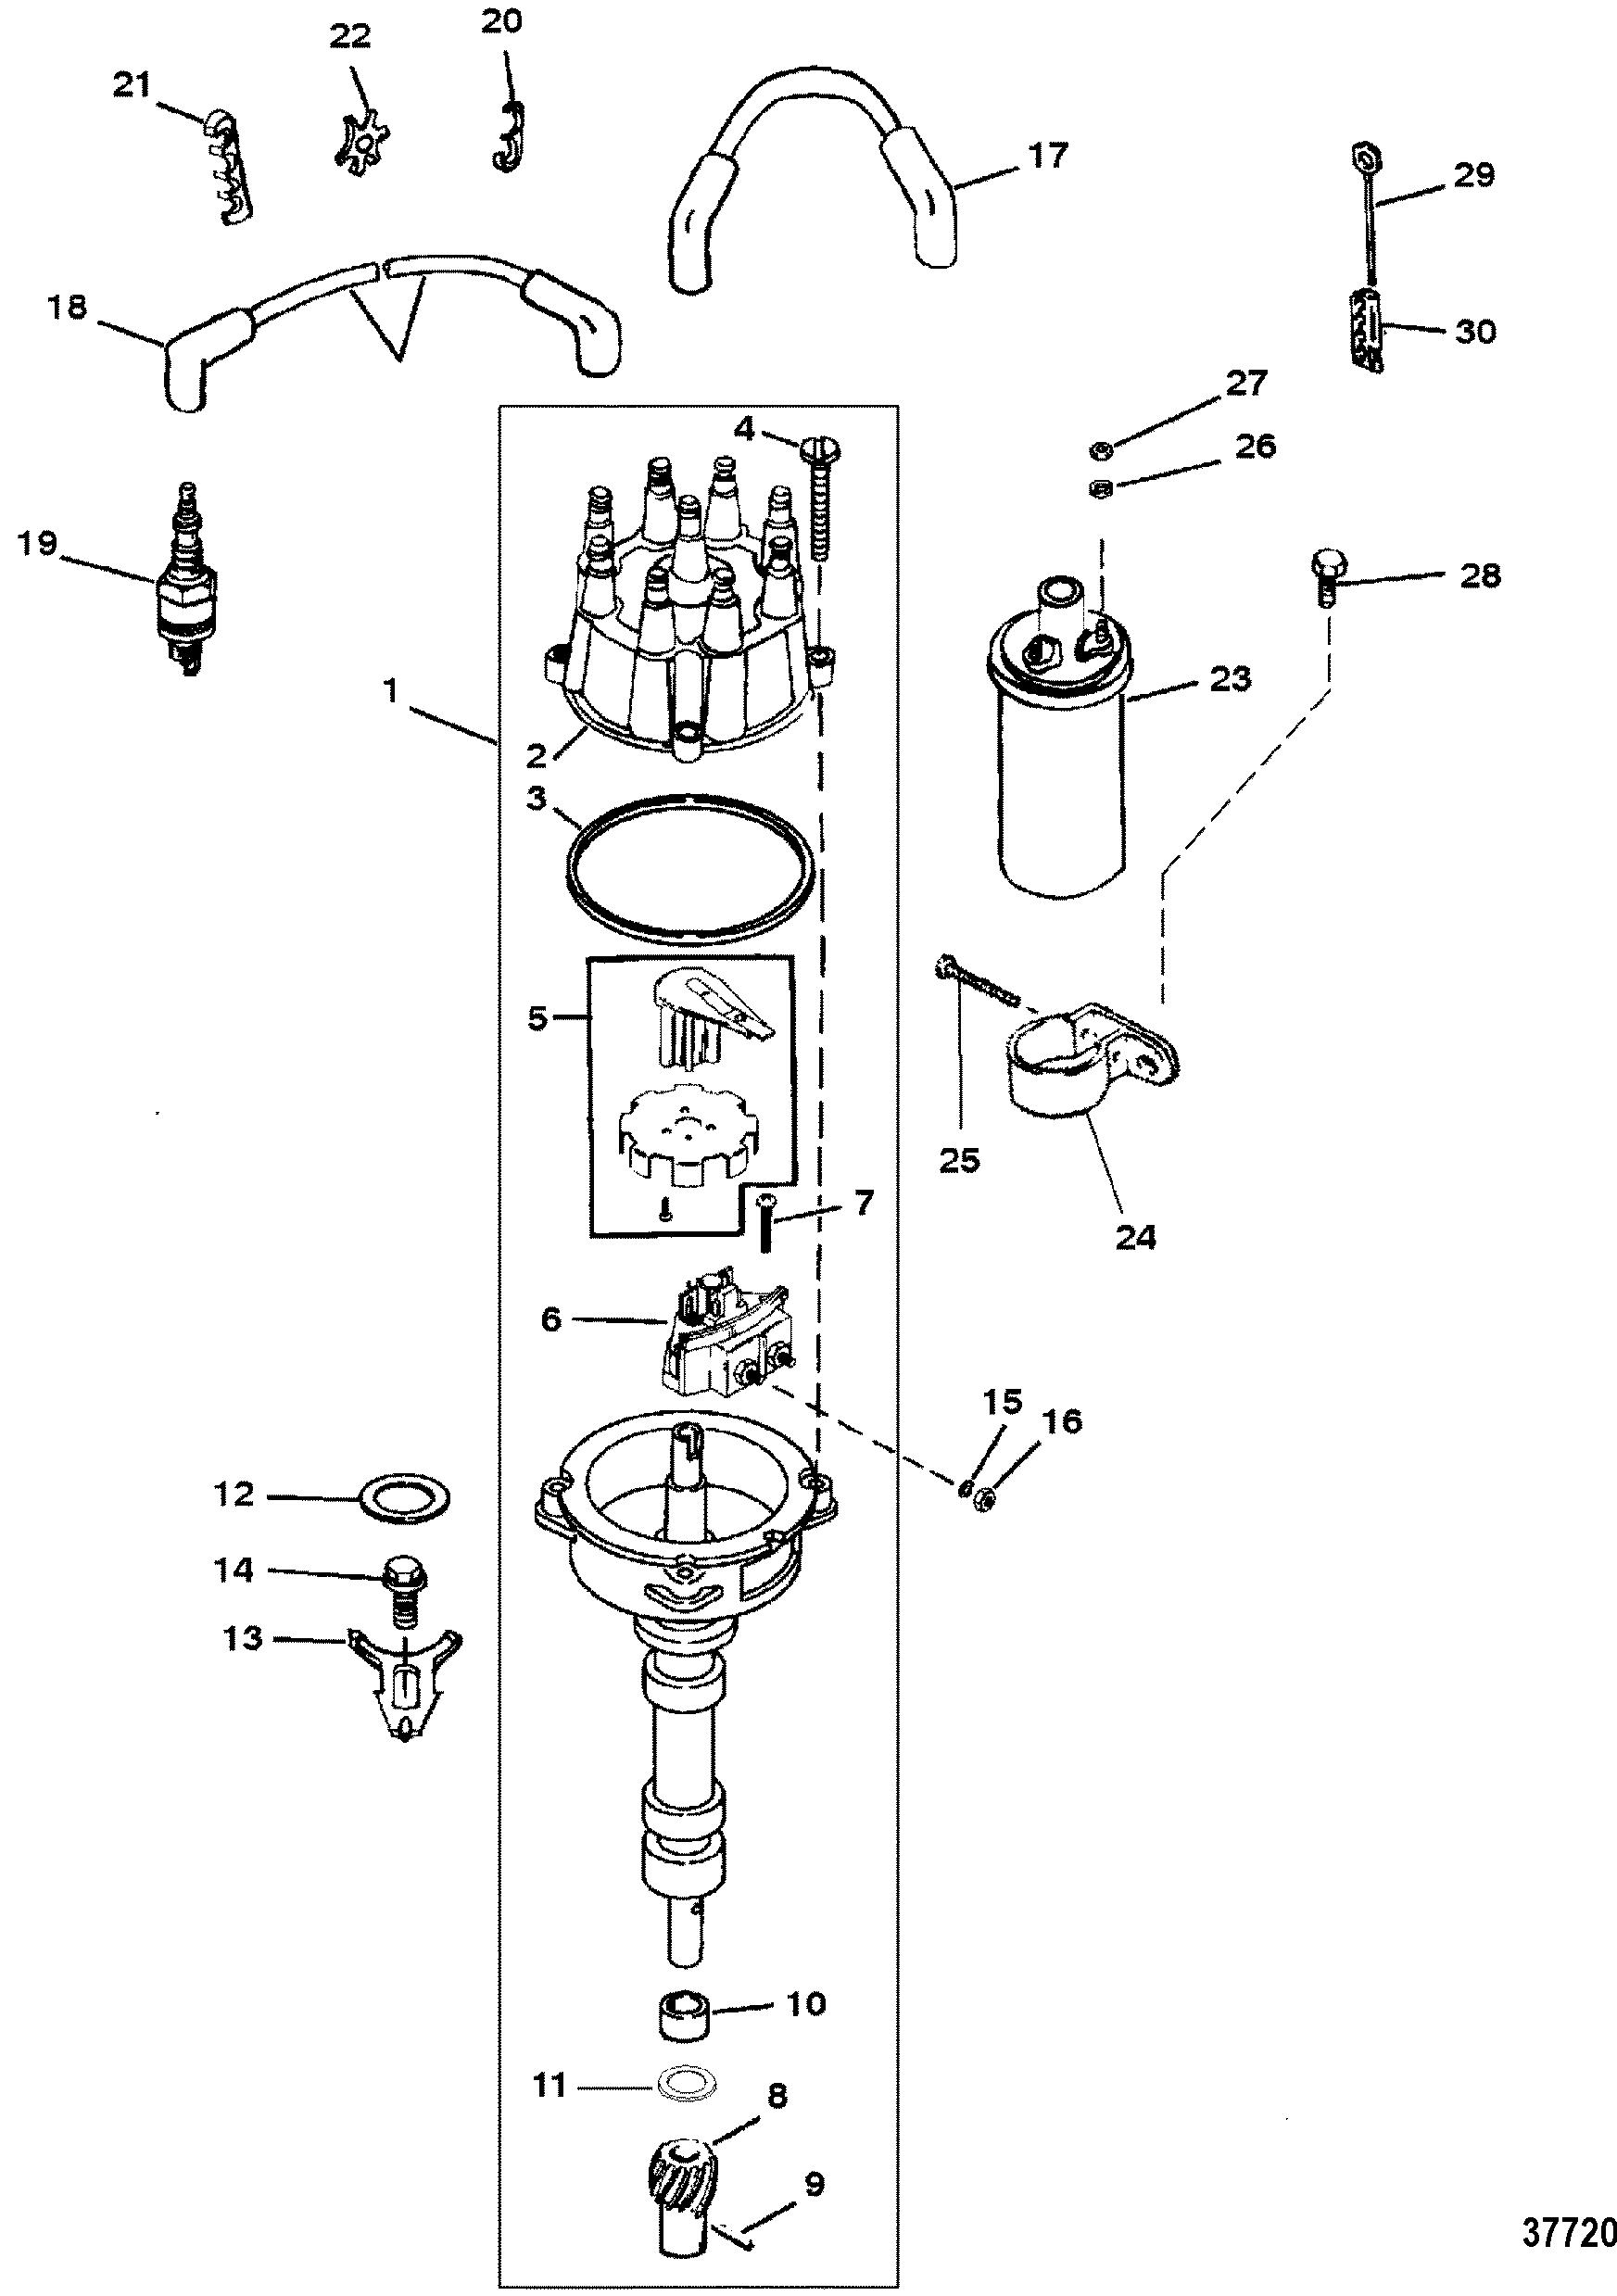 mercruiser 260 wiring diagram